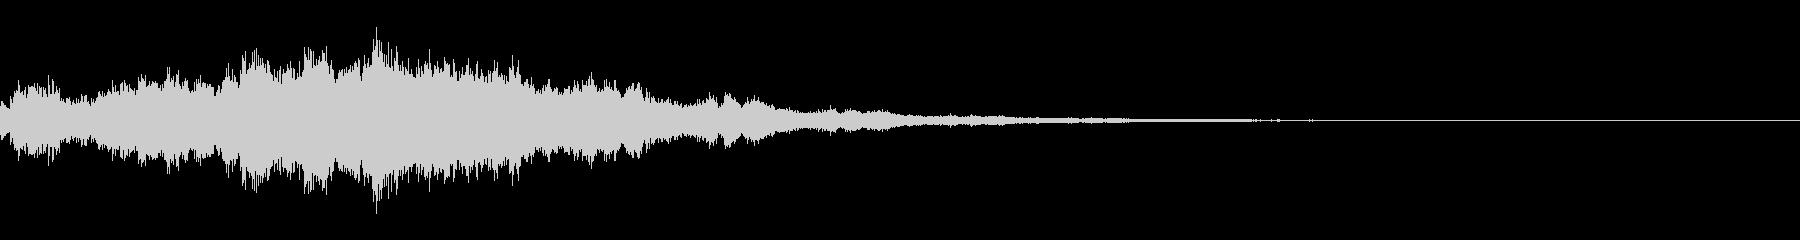 キラキラ(ウインドチャイムの音)の未再生の波形